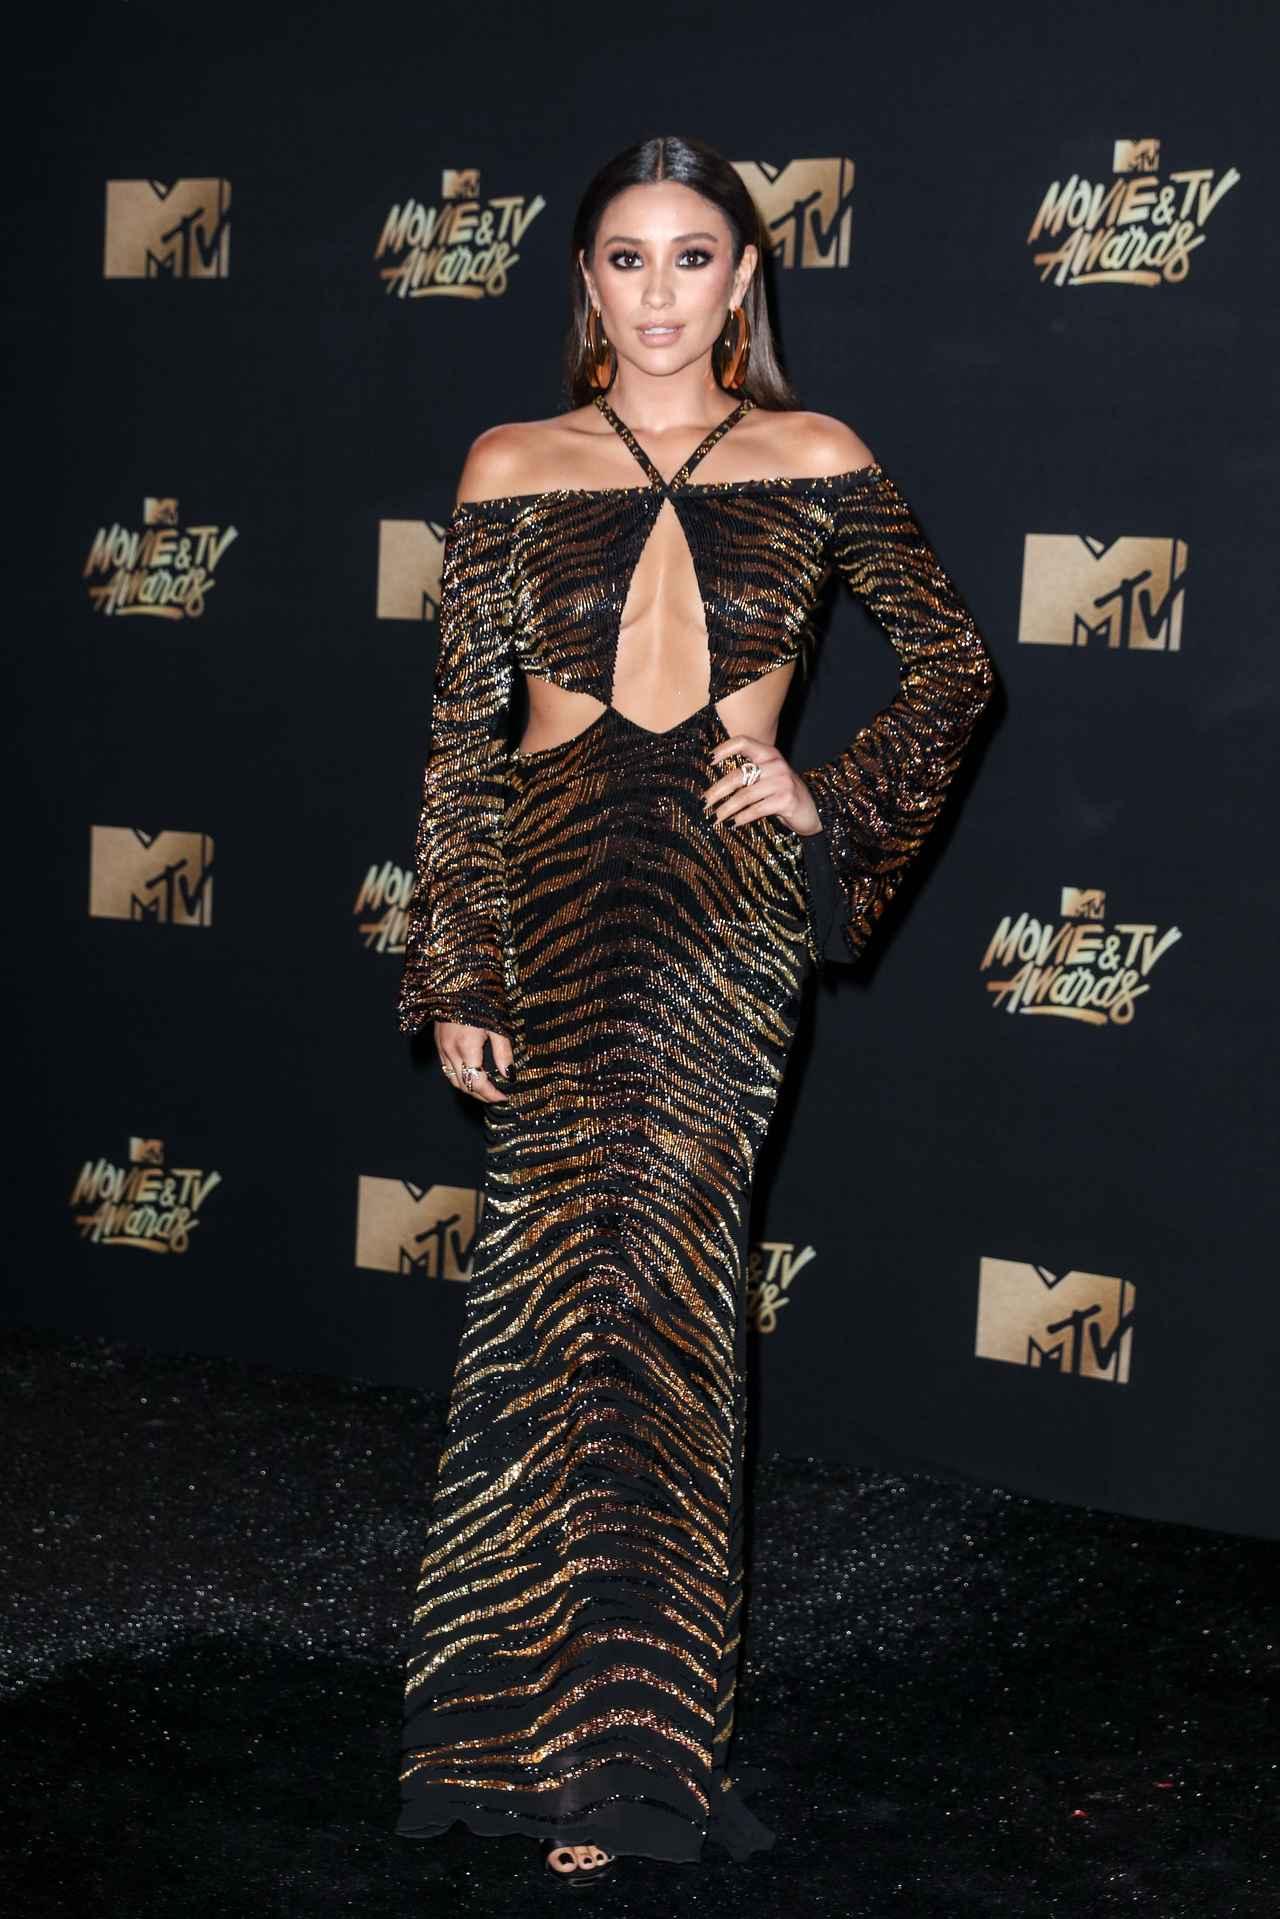 画像4: エマ・ワトソンやカーラ・デルヴィーニュも登場!MTVアワードのドレスを紹介